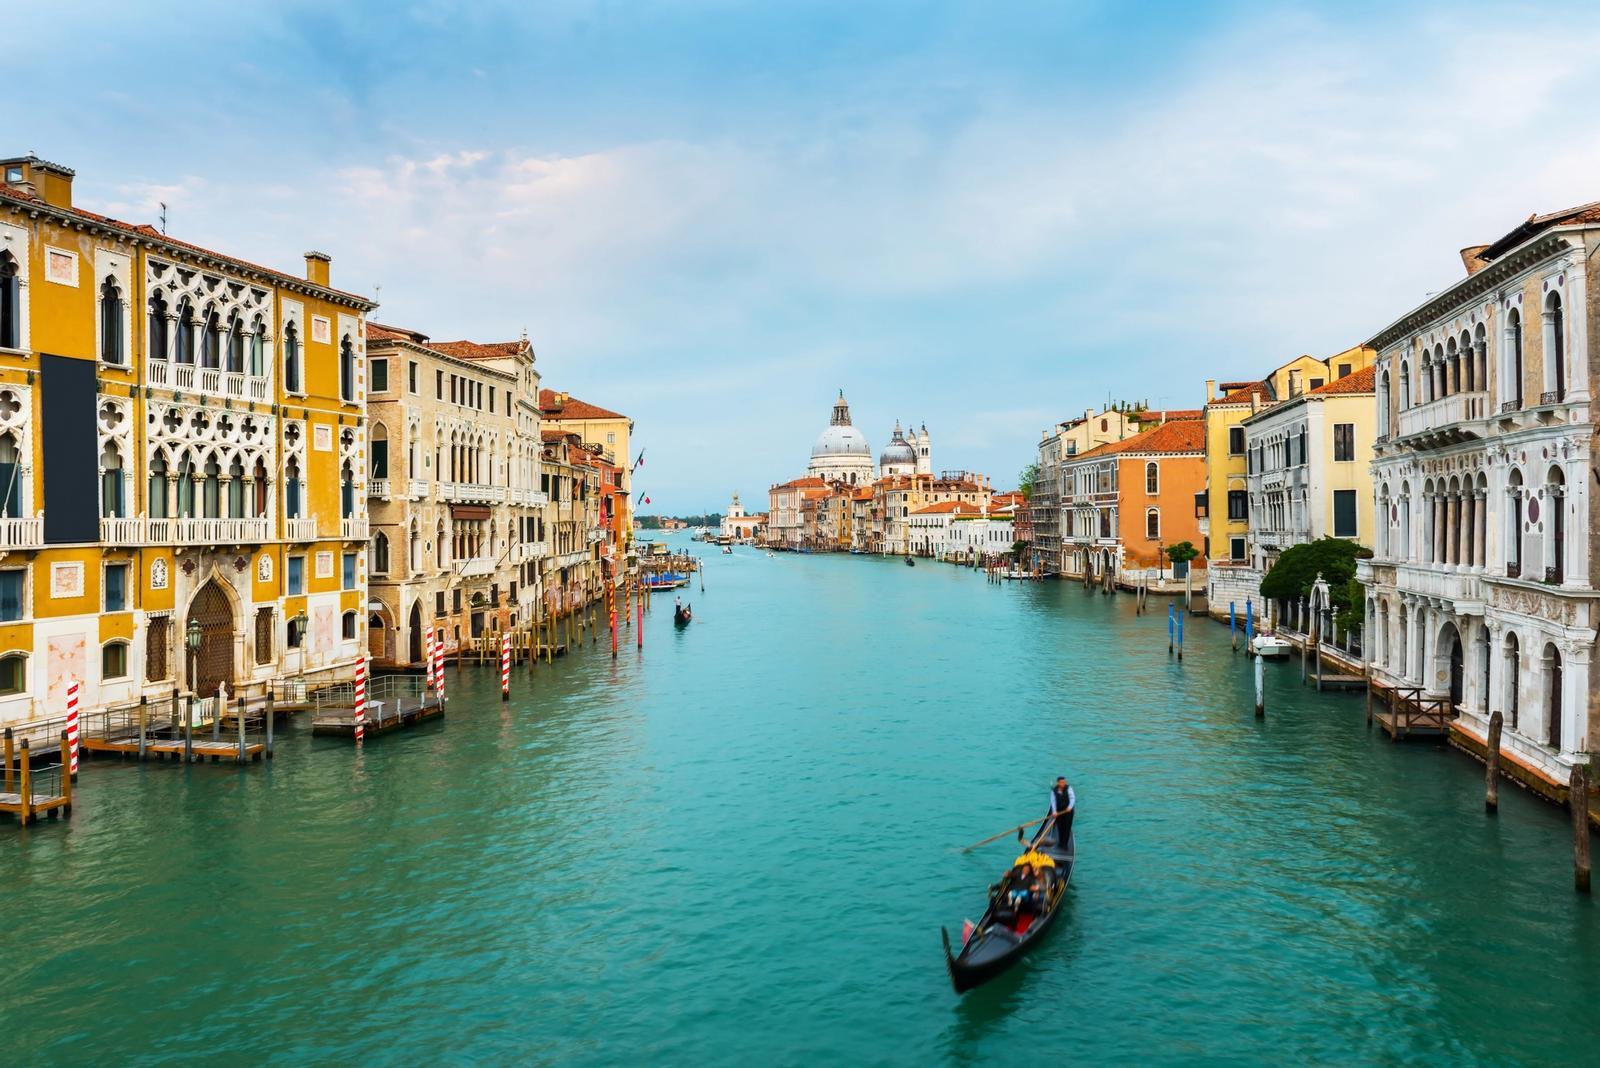 viaggio organizzato a venezia e burano